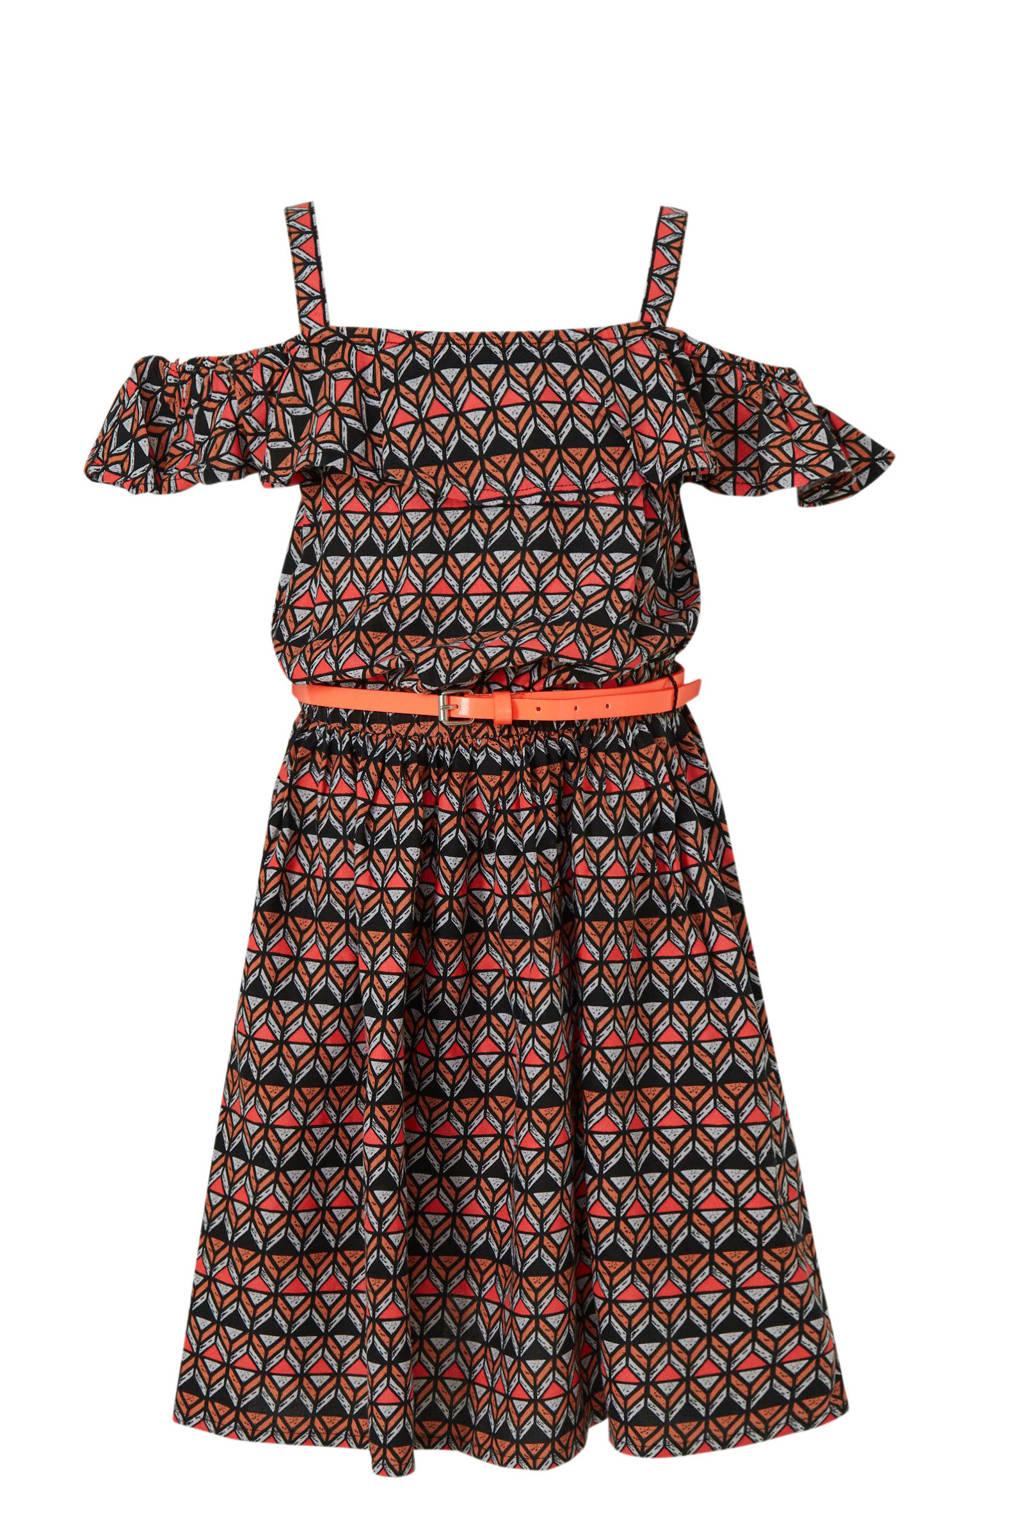 C&A Here & There open shoulder jurk met grafische print zwart, Zwart/oranje/roze